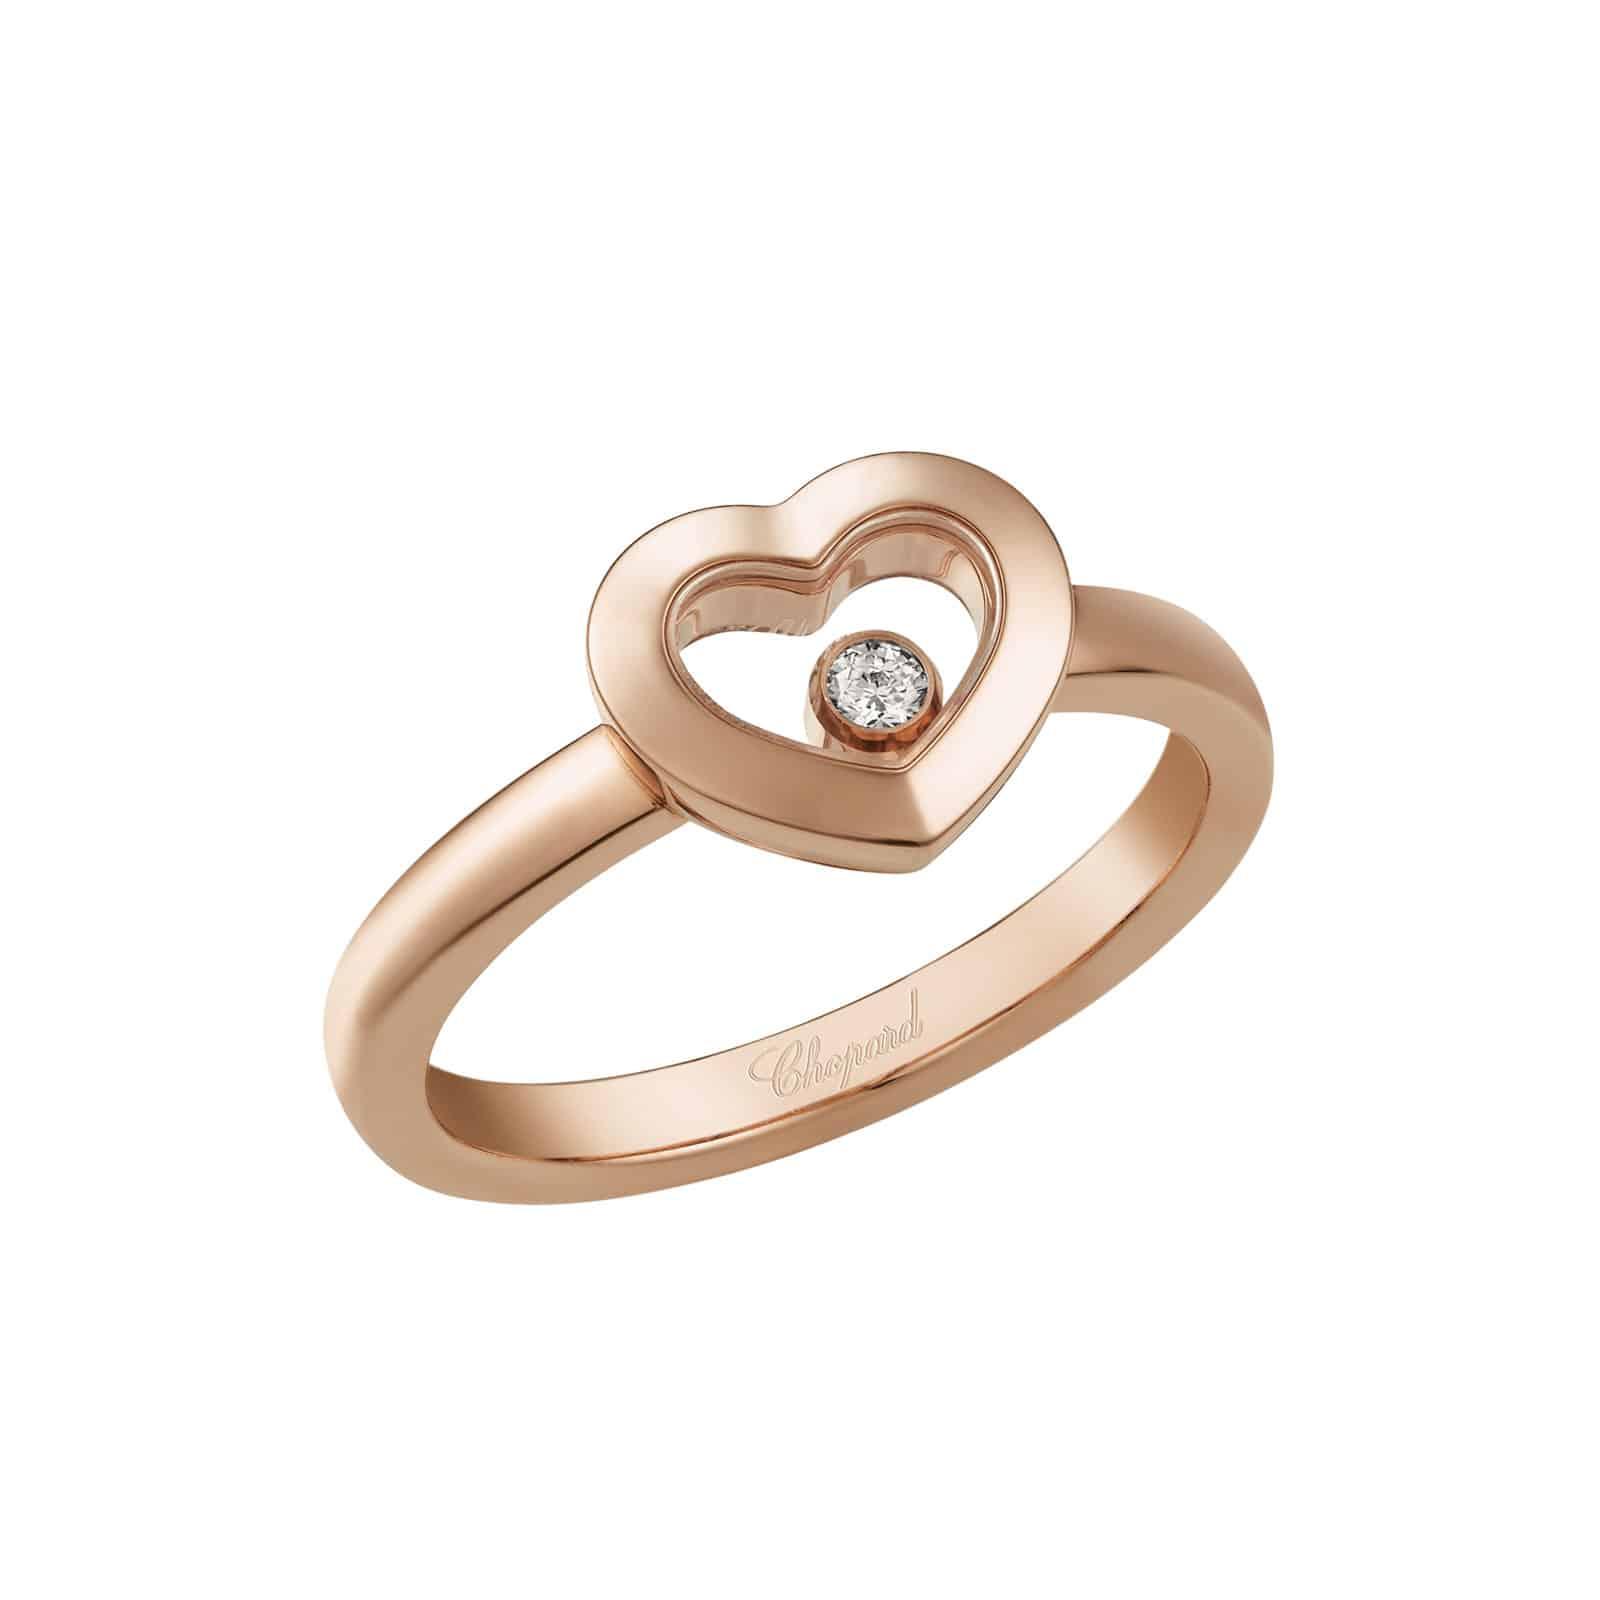 meilleure vente nouveau sélection Prix de gros 2019 Chopard Happy Diamonds ring - Lionel Meylan Vevey